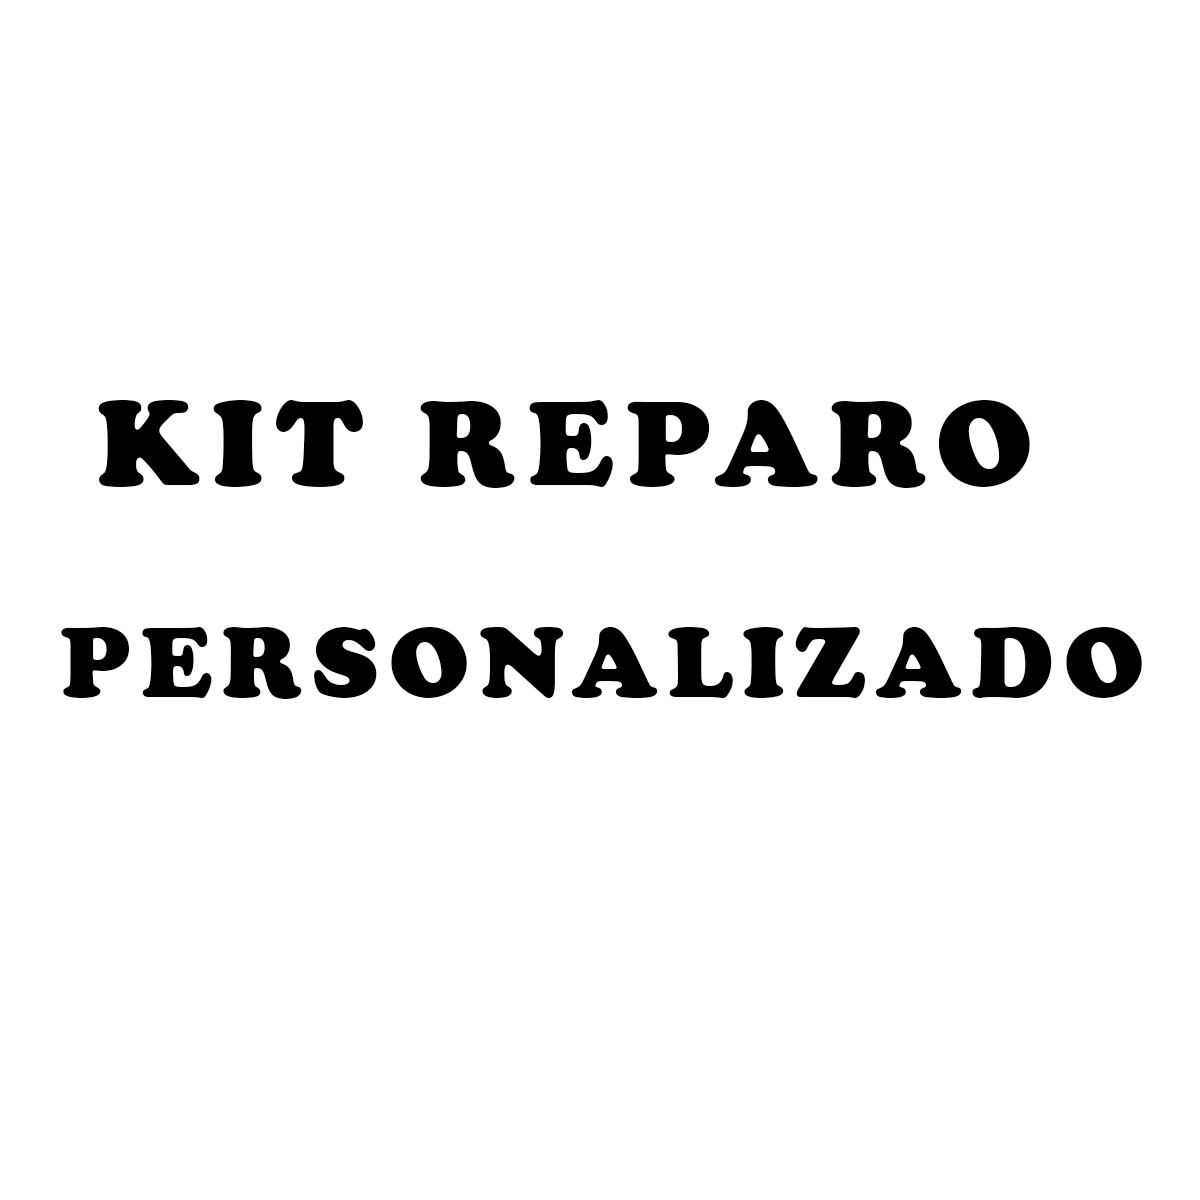 KIT reparo personalizado.